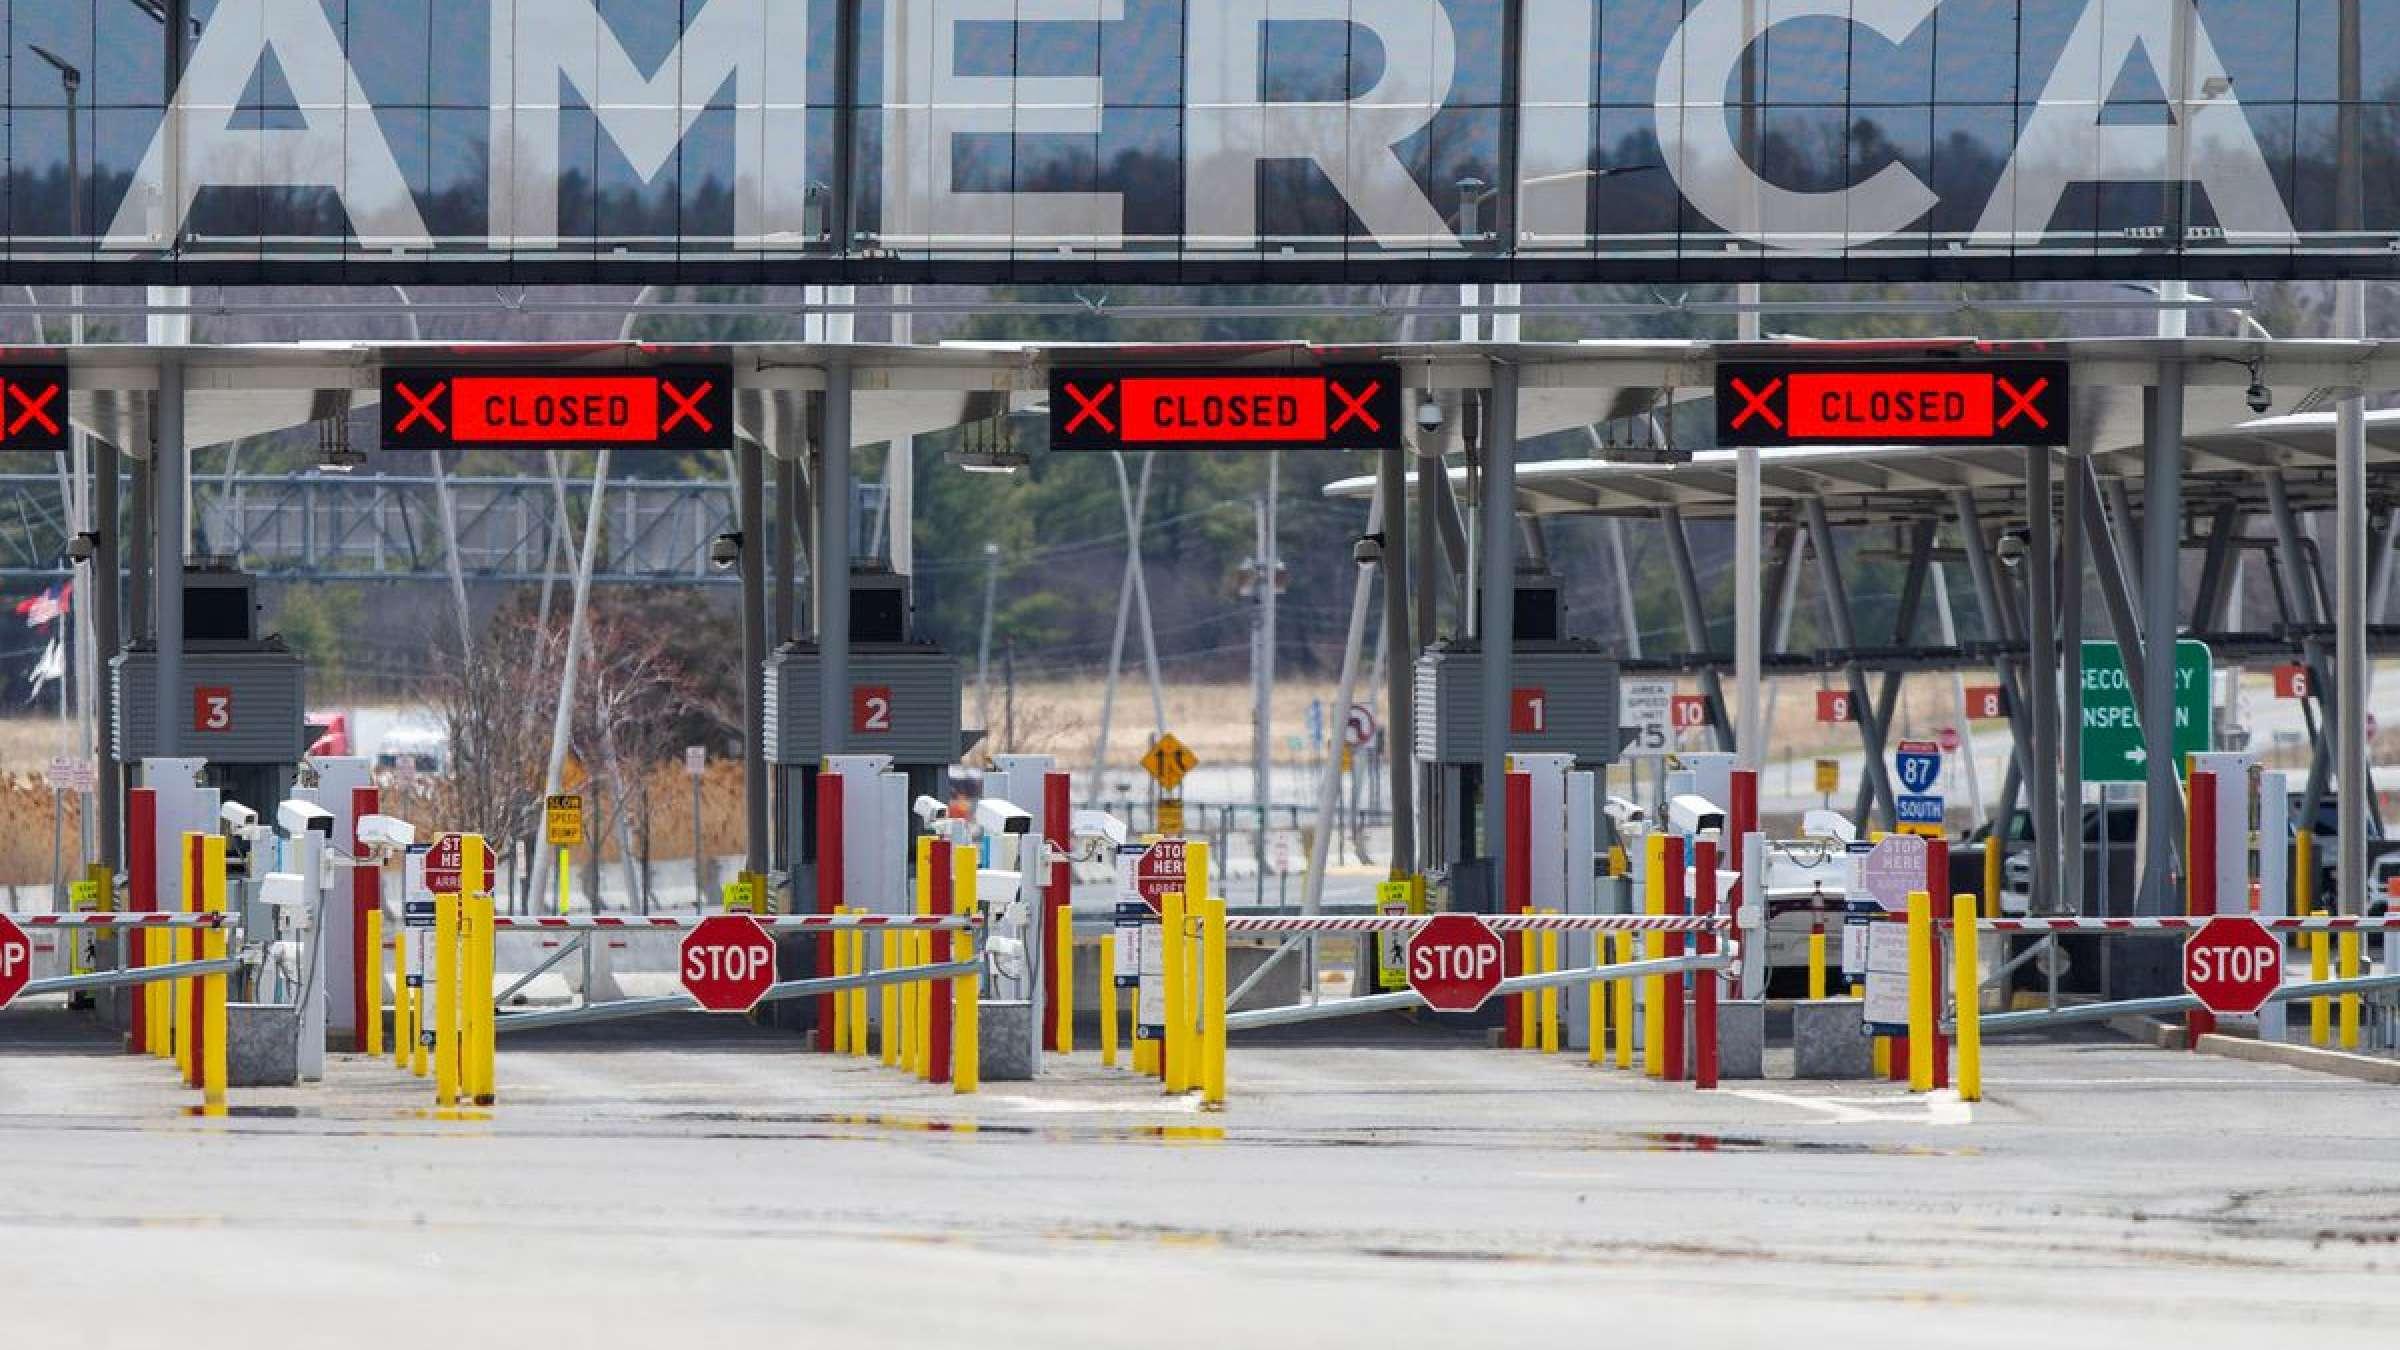 احتمال-بسته-ماندن-مرز-کانادا-با-آمریکا-تا-پس-از-کریسمس-دولت-کانادا-برای-باز-کردن-مرز منتظر-مدیریت-کرونا-در-آمریکا-ست